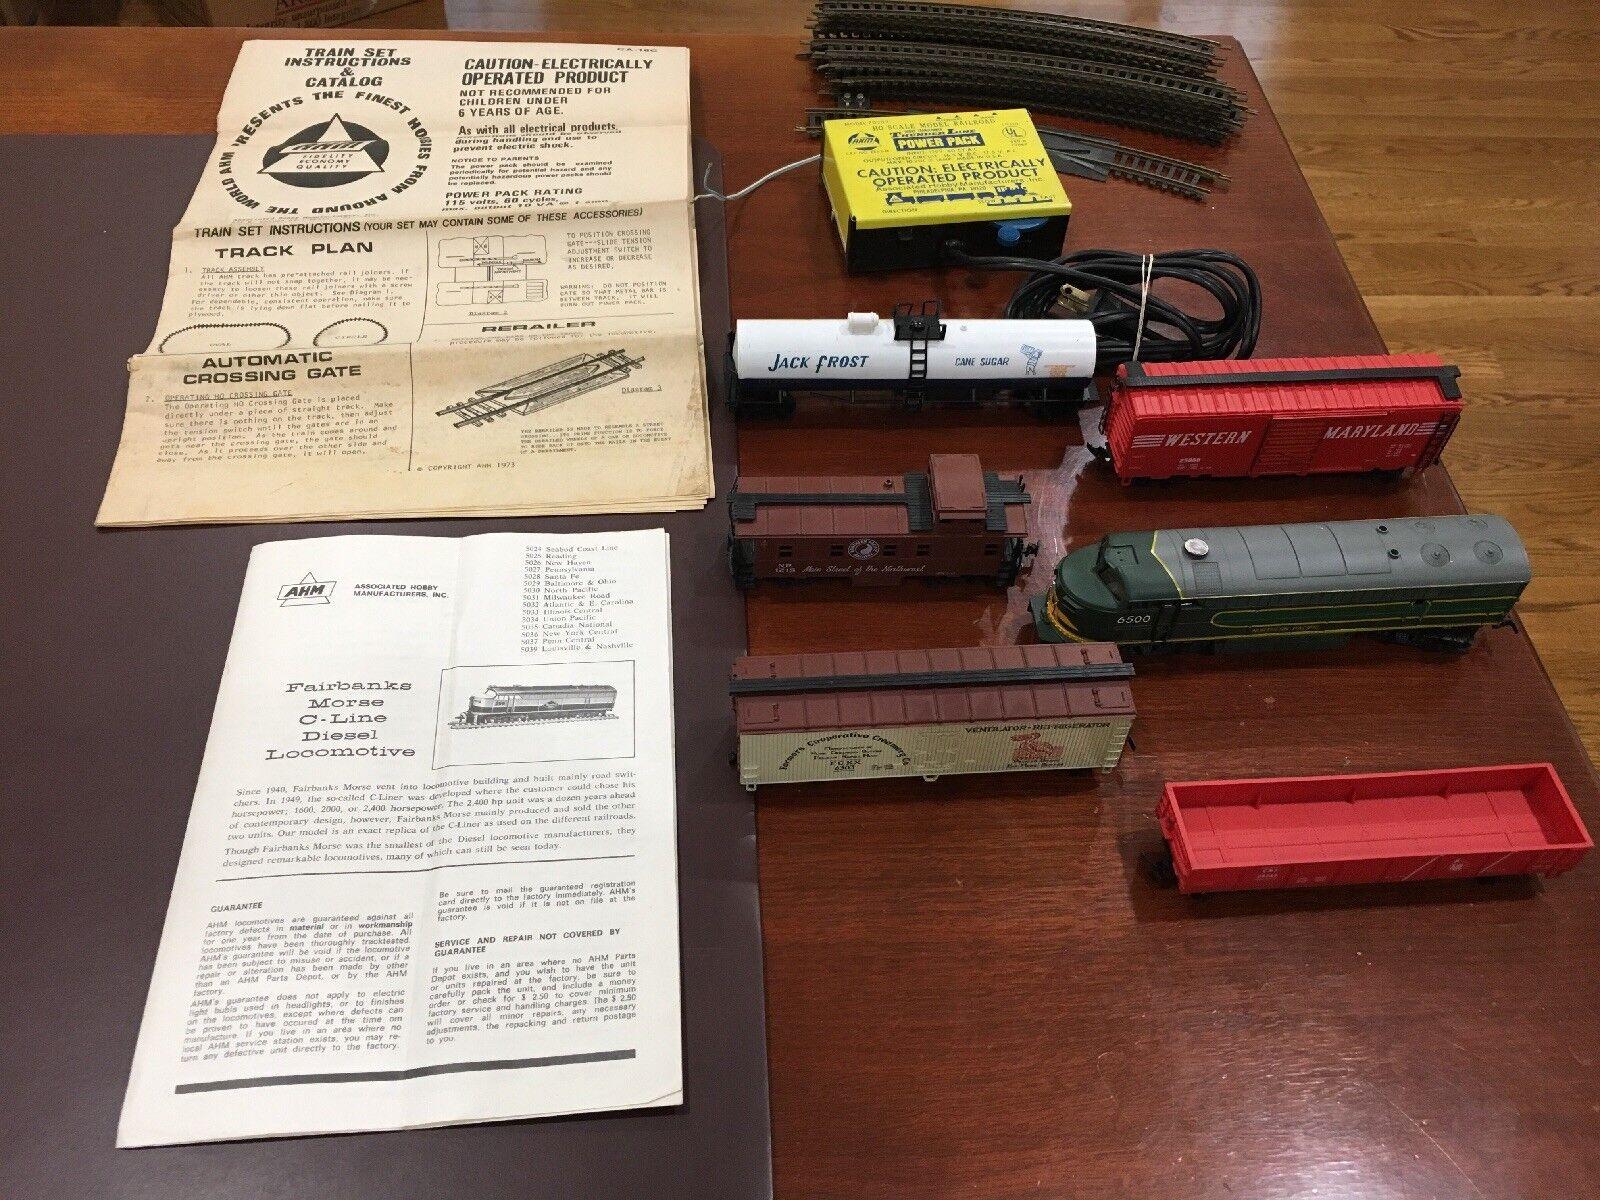 Vintage Ahm Escala HO-Locomotora, 5 coches, 12 pistas, transformador y las instrucciones